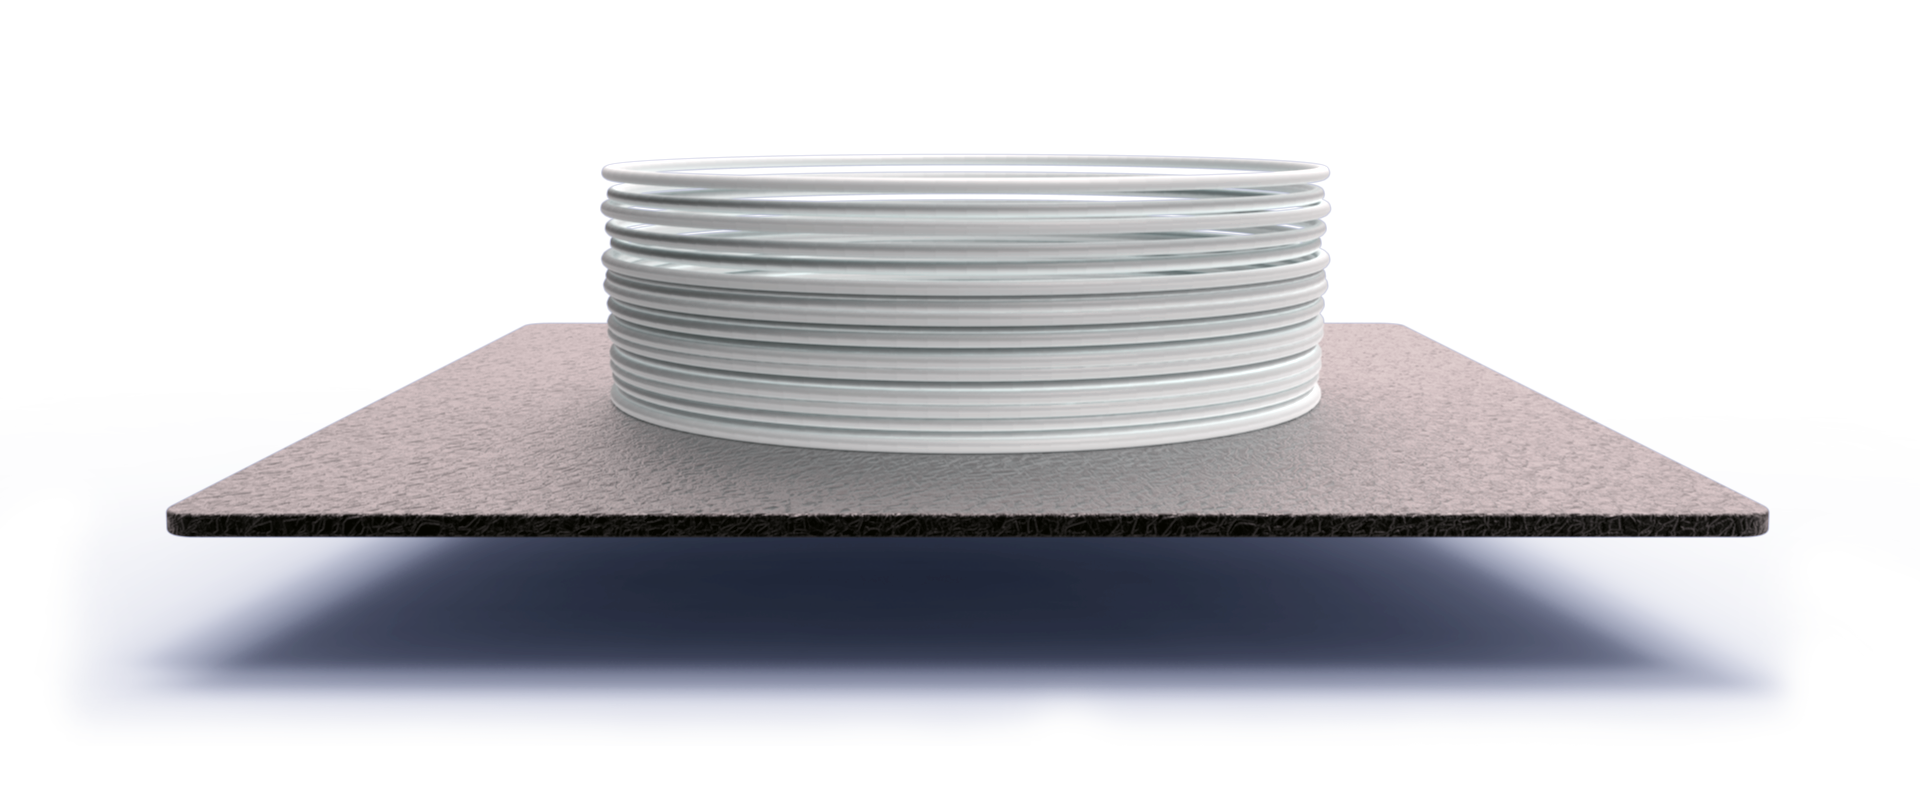 leneplate-3d-printing-buildplate